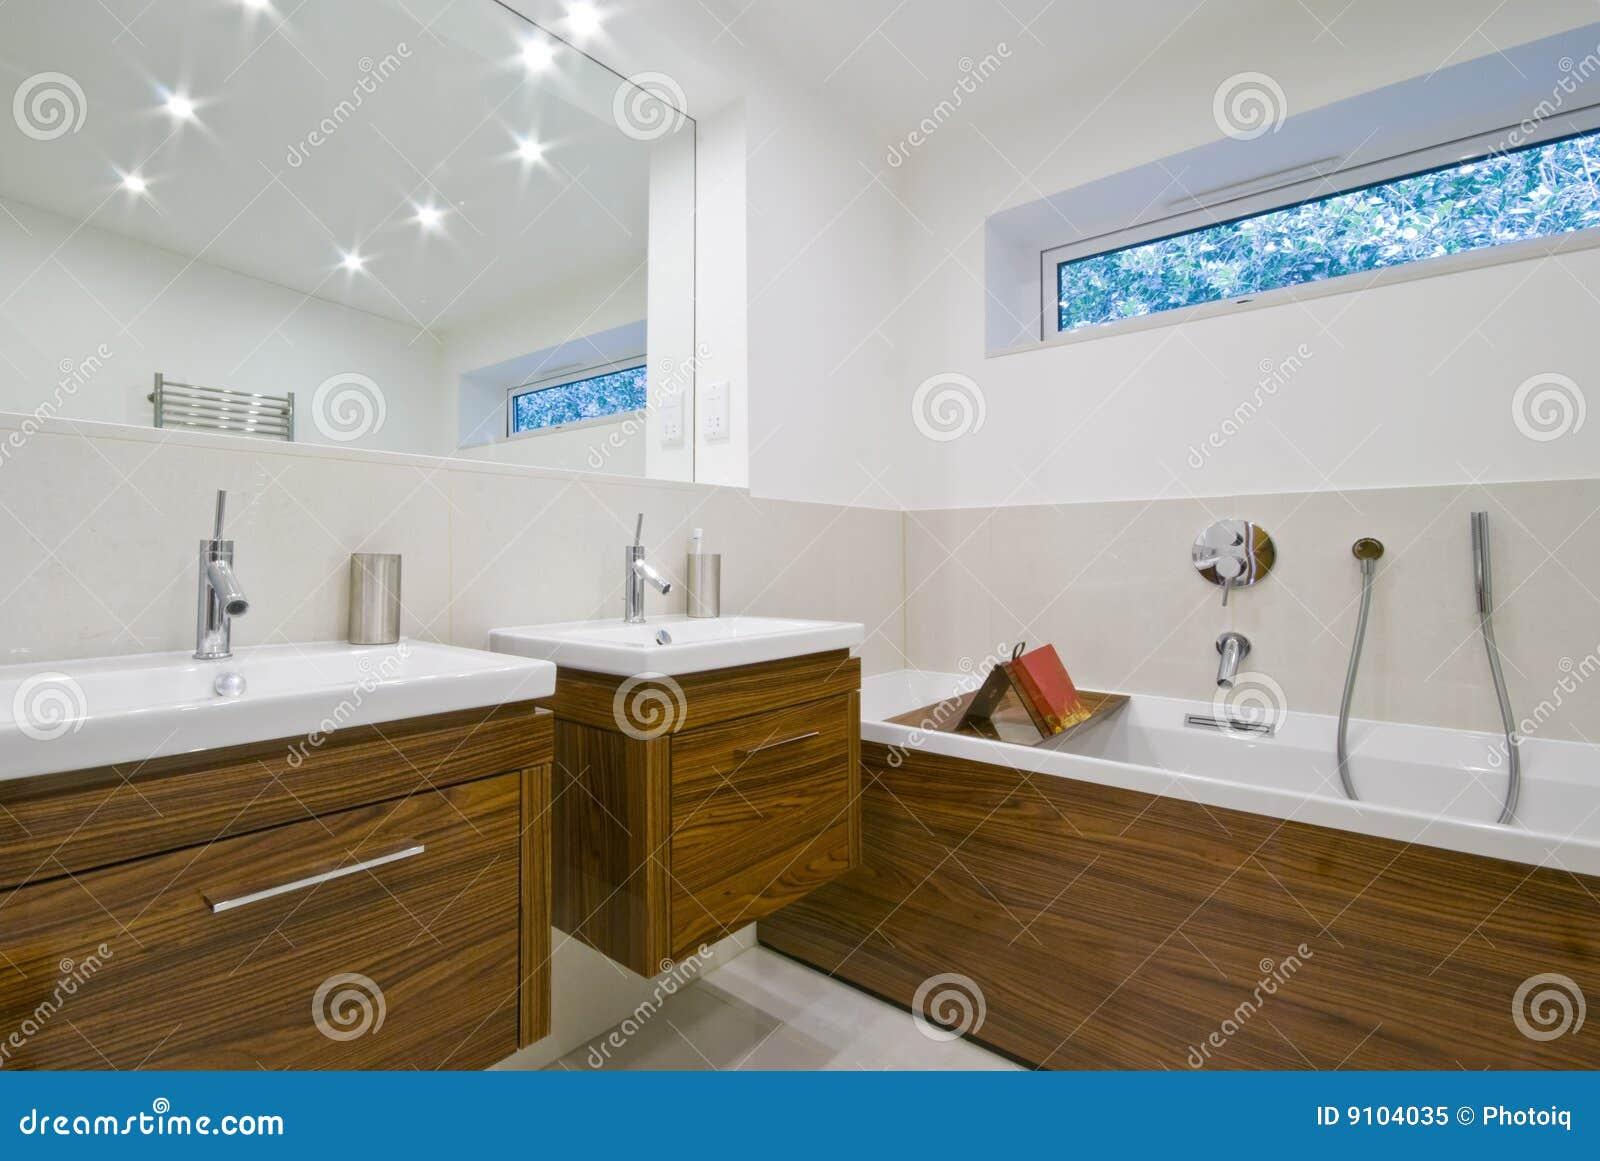 Salle de bains de taille de la famille photo libre de for Taille salle de bain